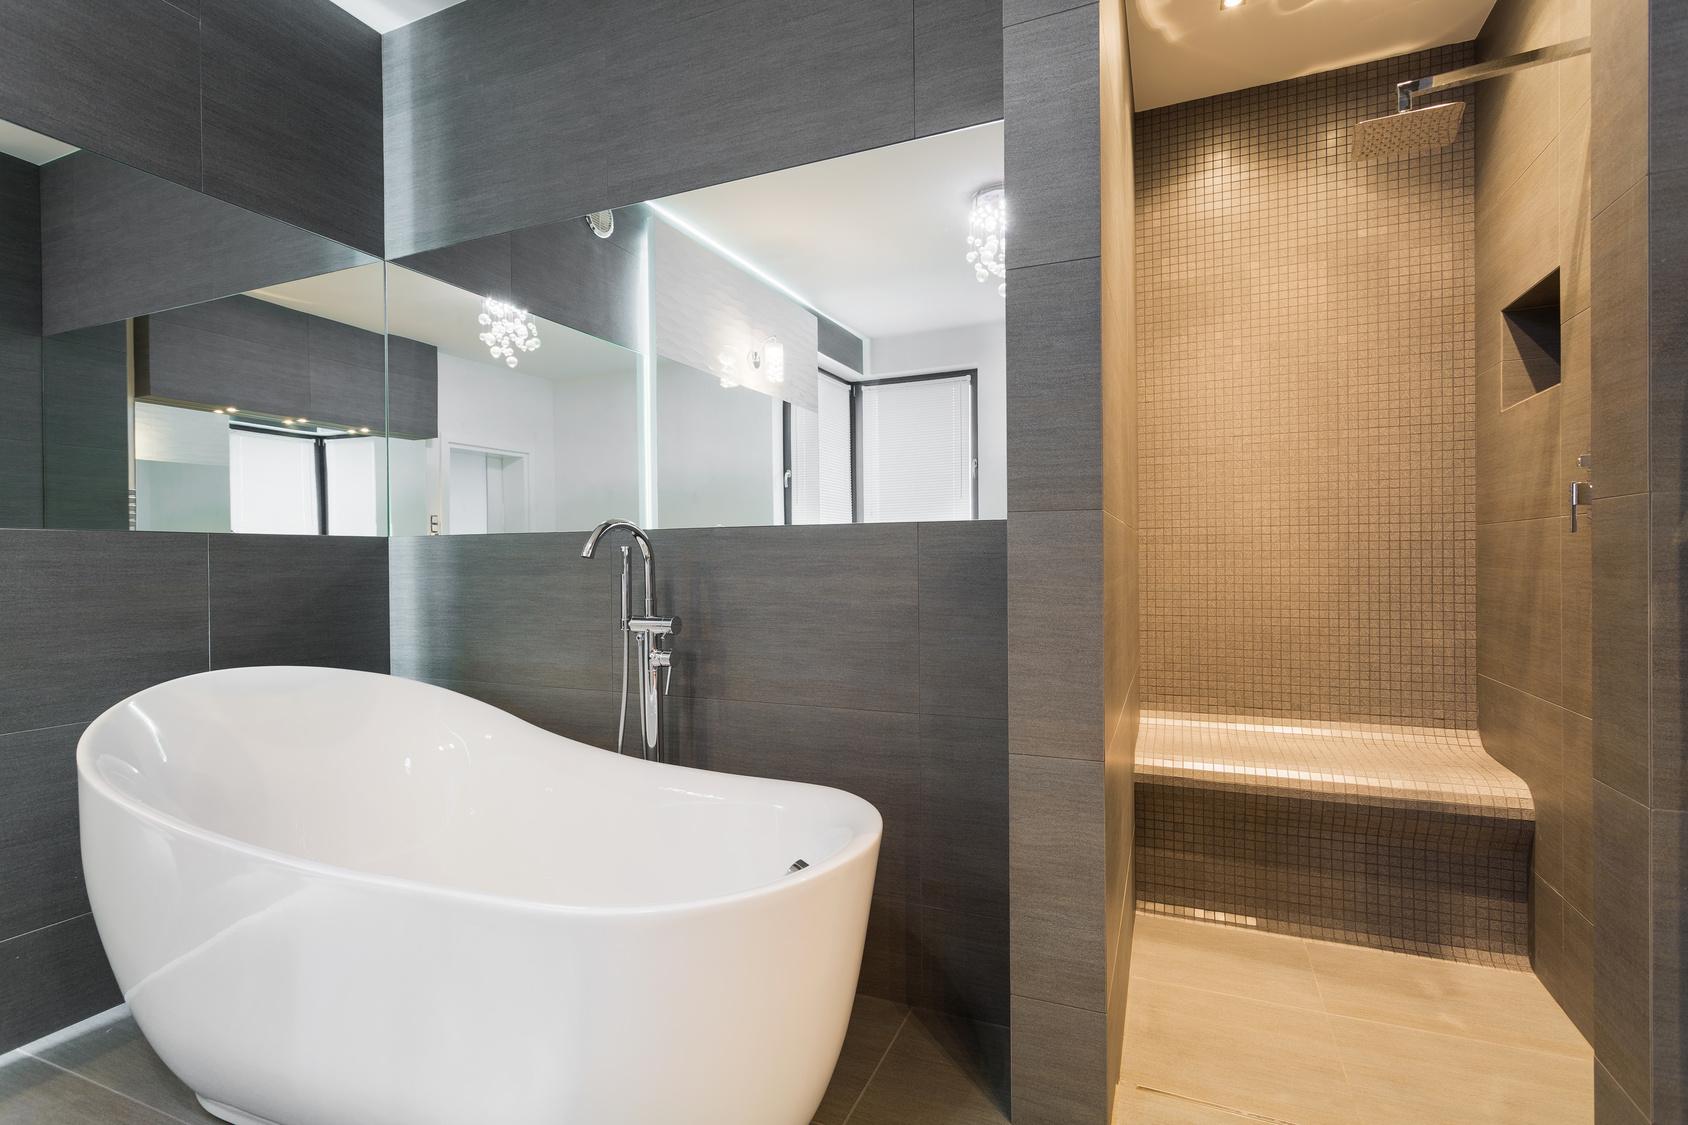 Bad-Sanierung, Badezimmer sanieren, neues Bad zum Festpreis